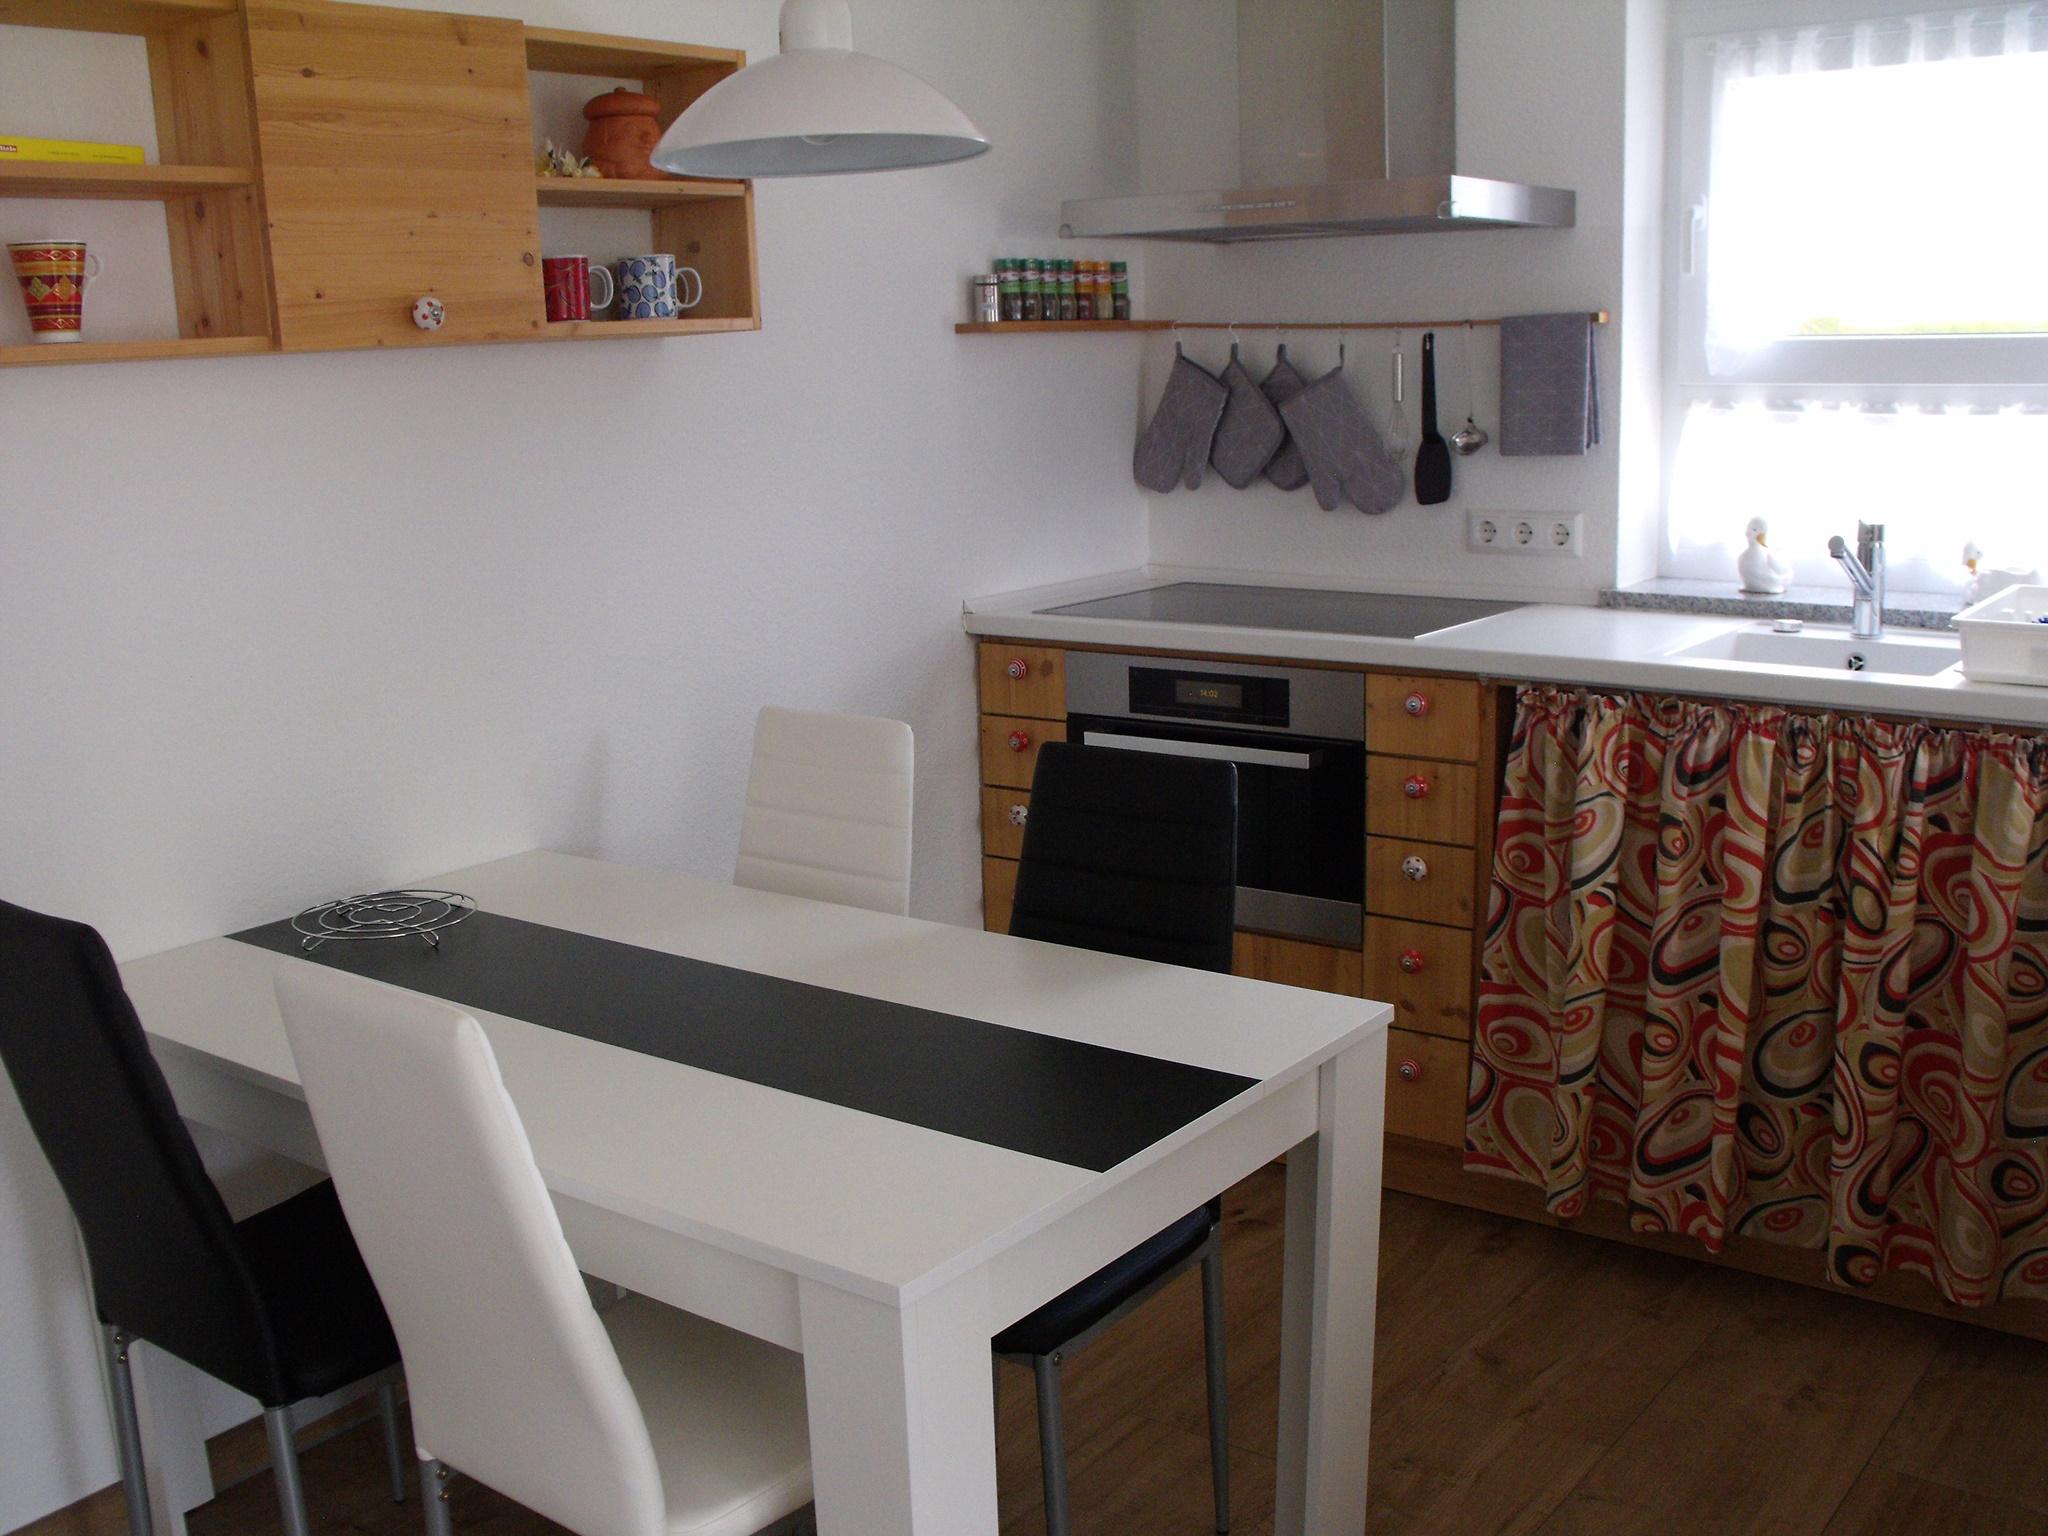 Full Size of Esstisch In Küche Oder Wohnzimmer Esstisch Offene Küche Küche Mit Essplatz Größe Essplatz Für Kleine Küche Küche Essplatz Küche